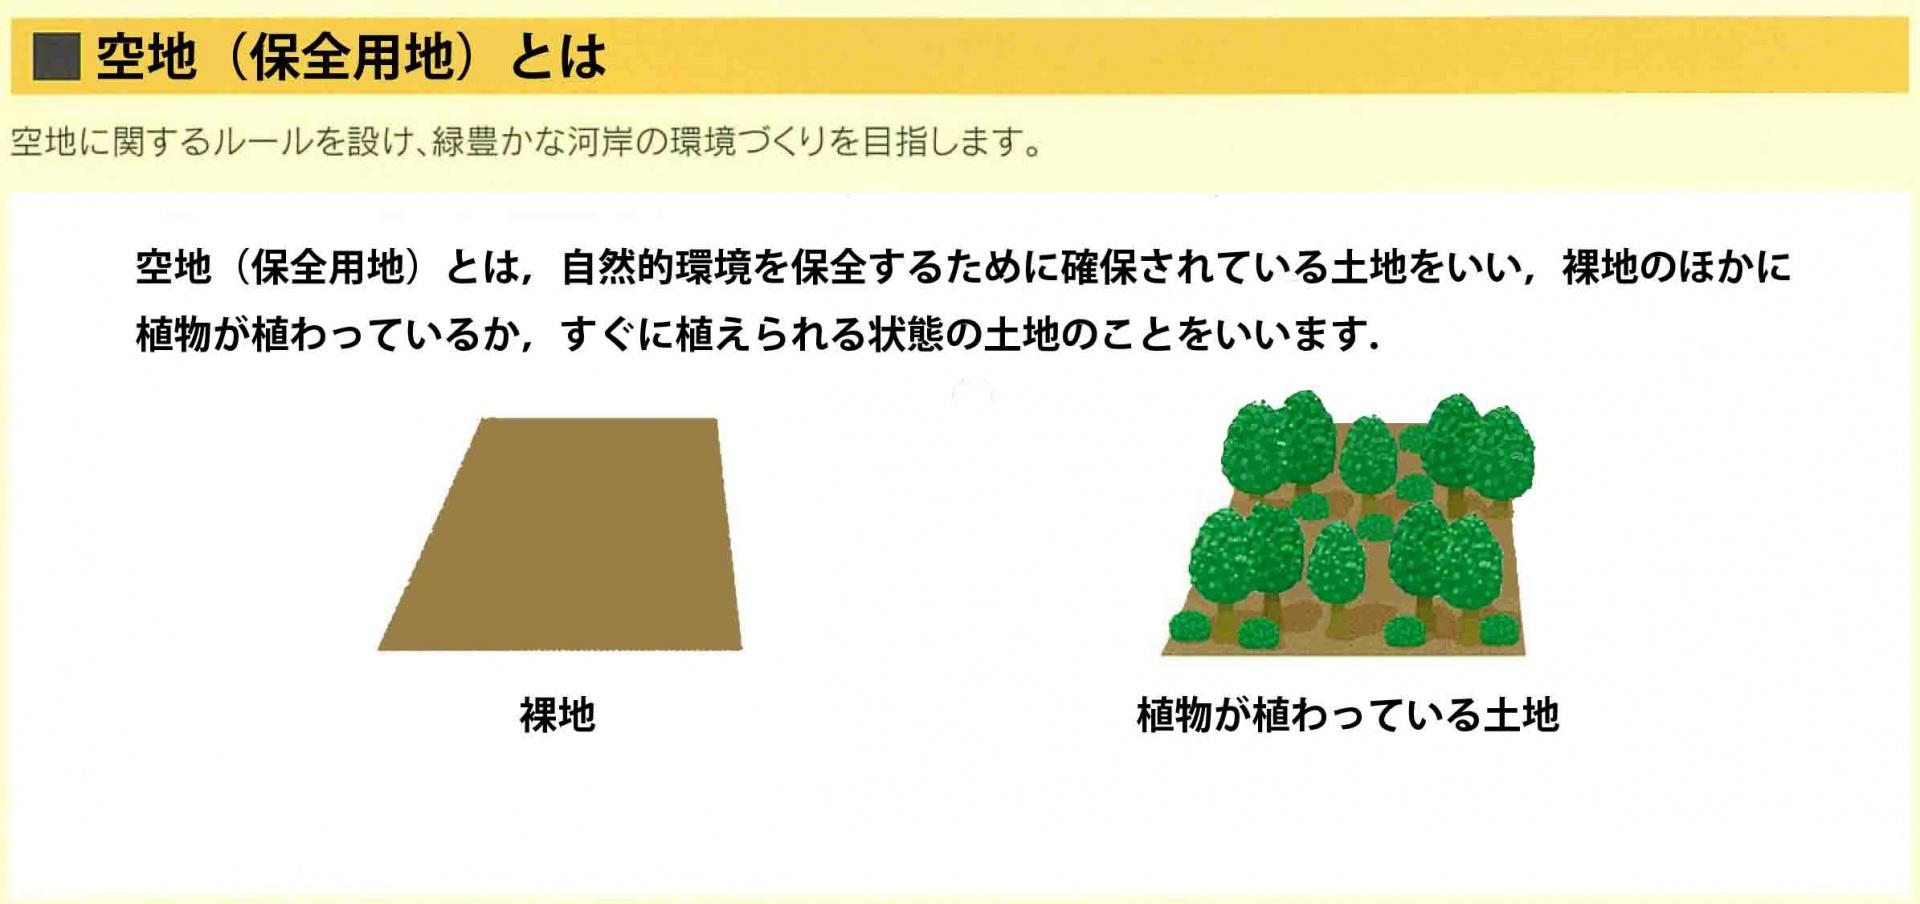 図1 保全用地とは(条例環境保全区域のあらまし,2018年6月版をもとに作成)